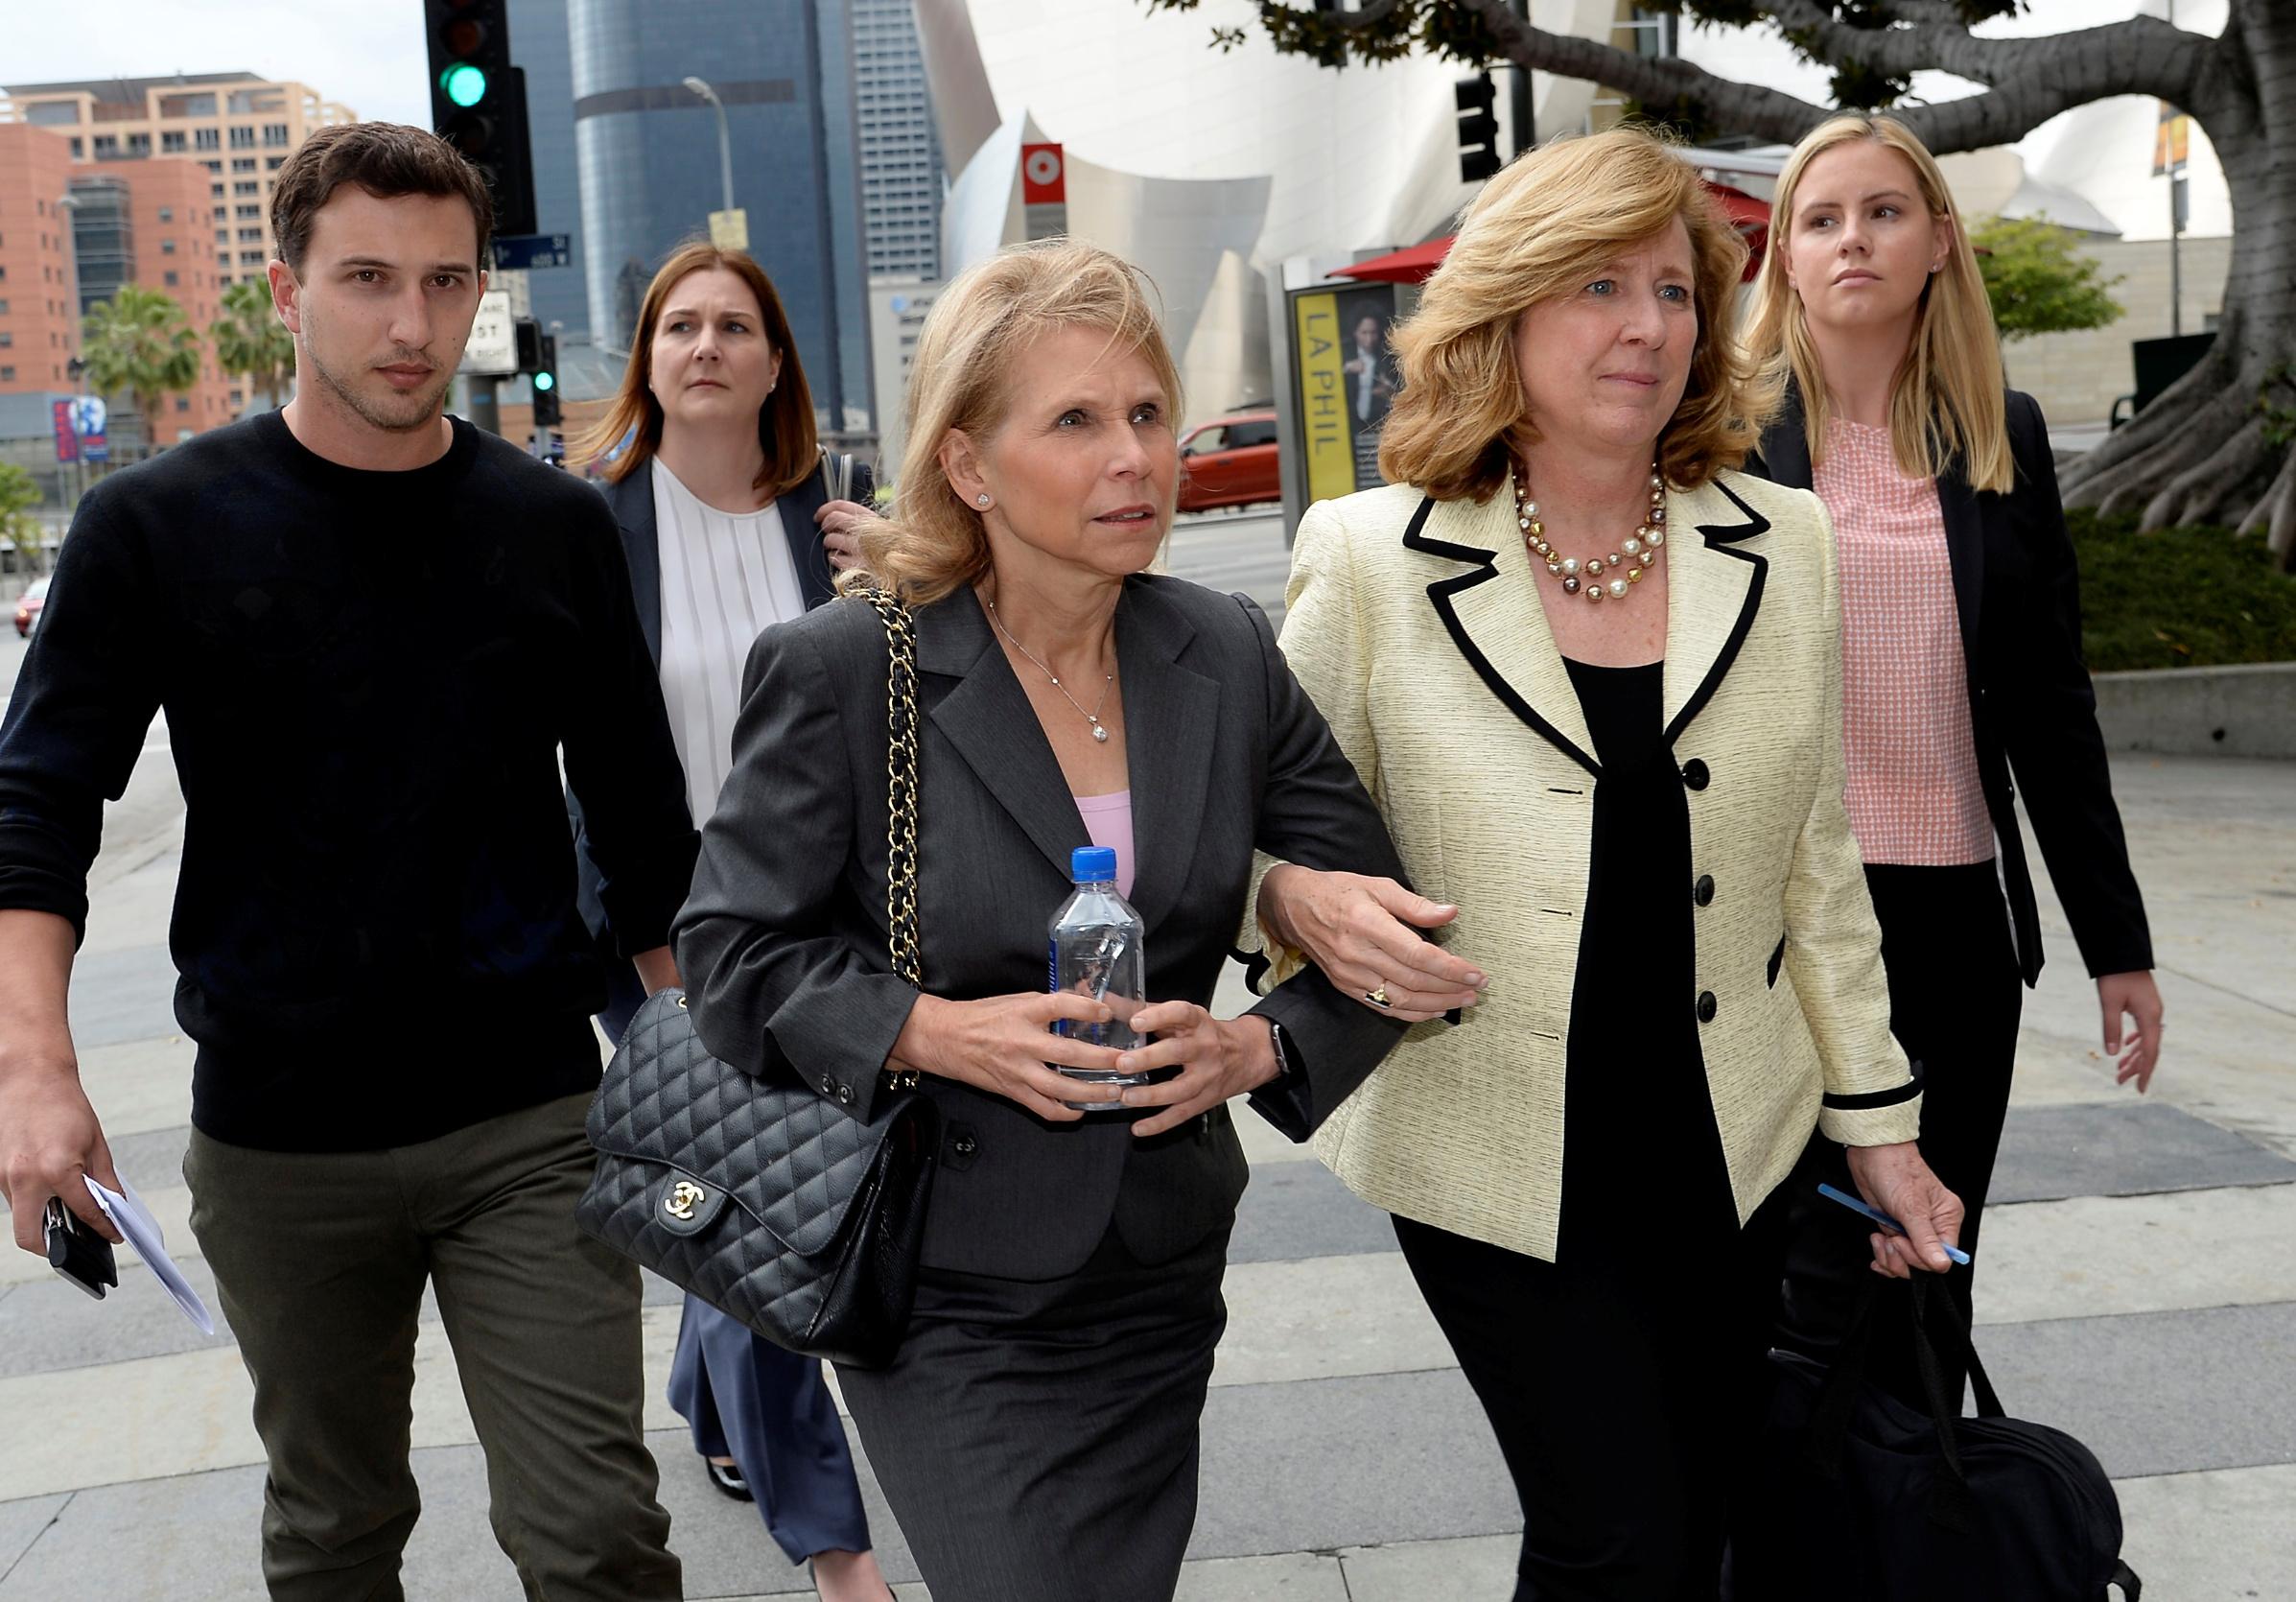 Shari Redstone (u sredini na slici sa svojom odvjetnicom), kći multimilijardera i medijskog mogula Sumnera Redstonea